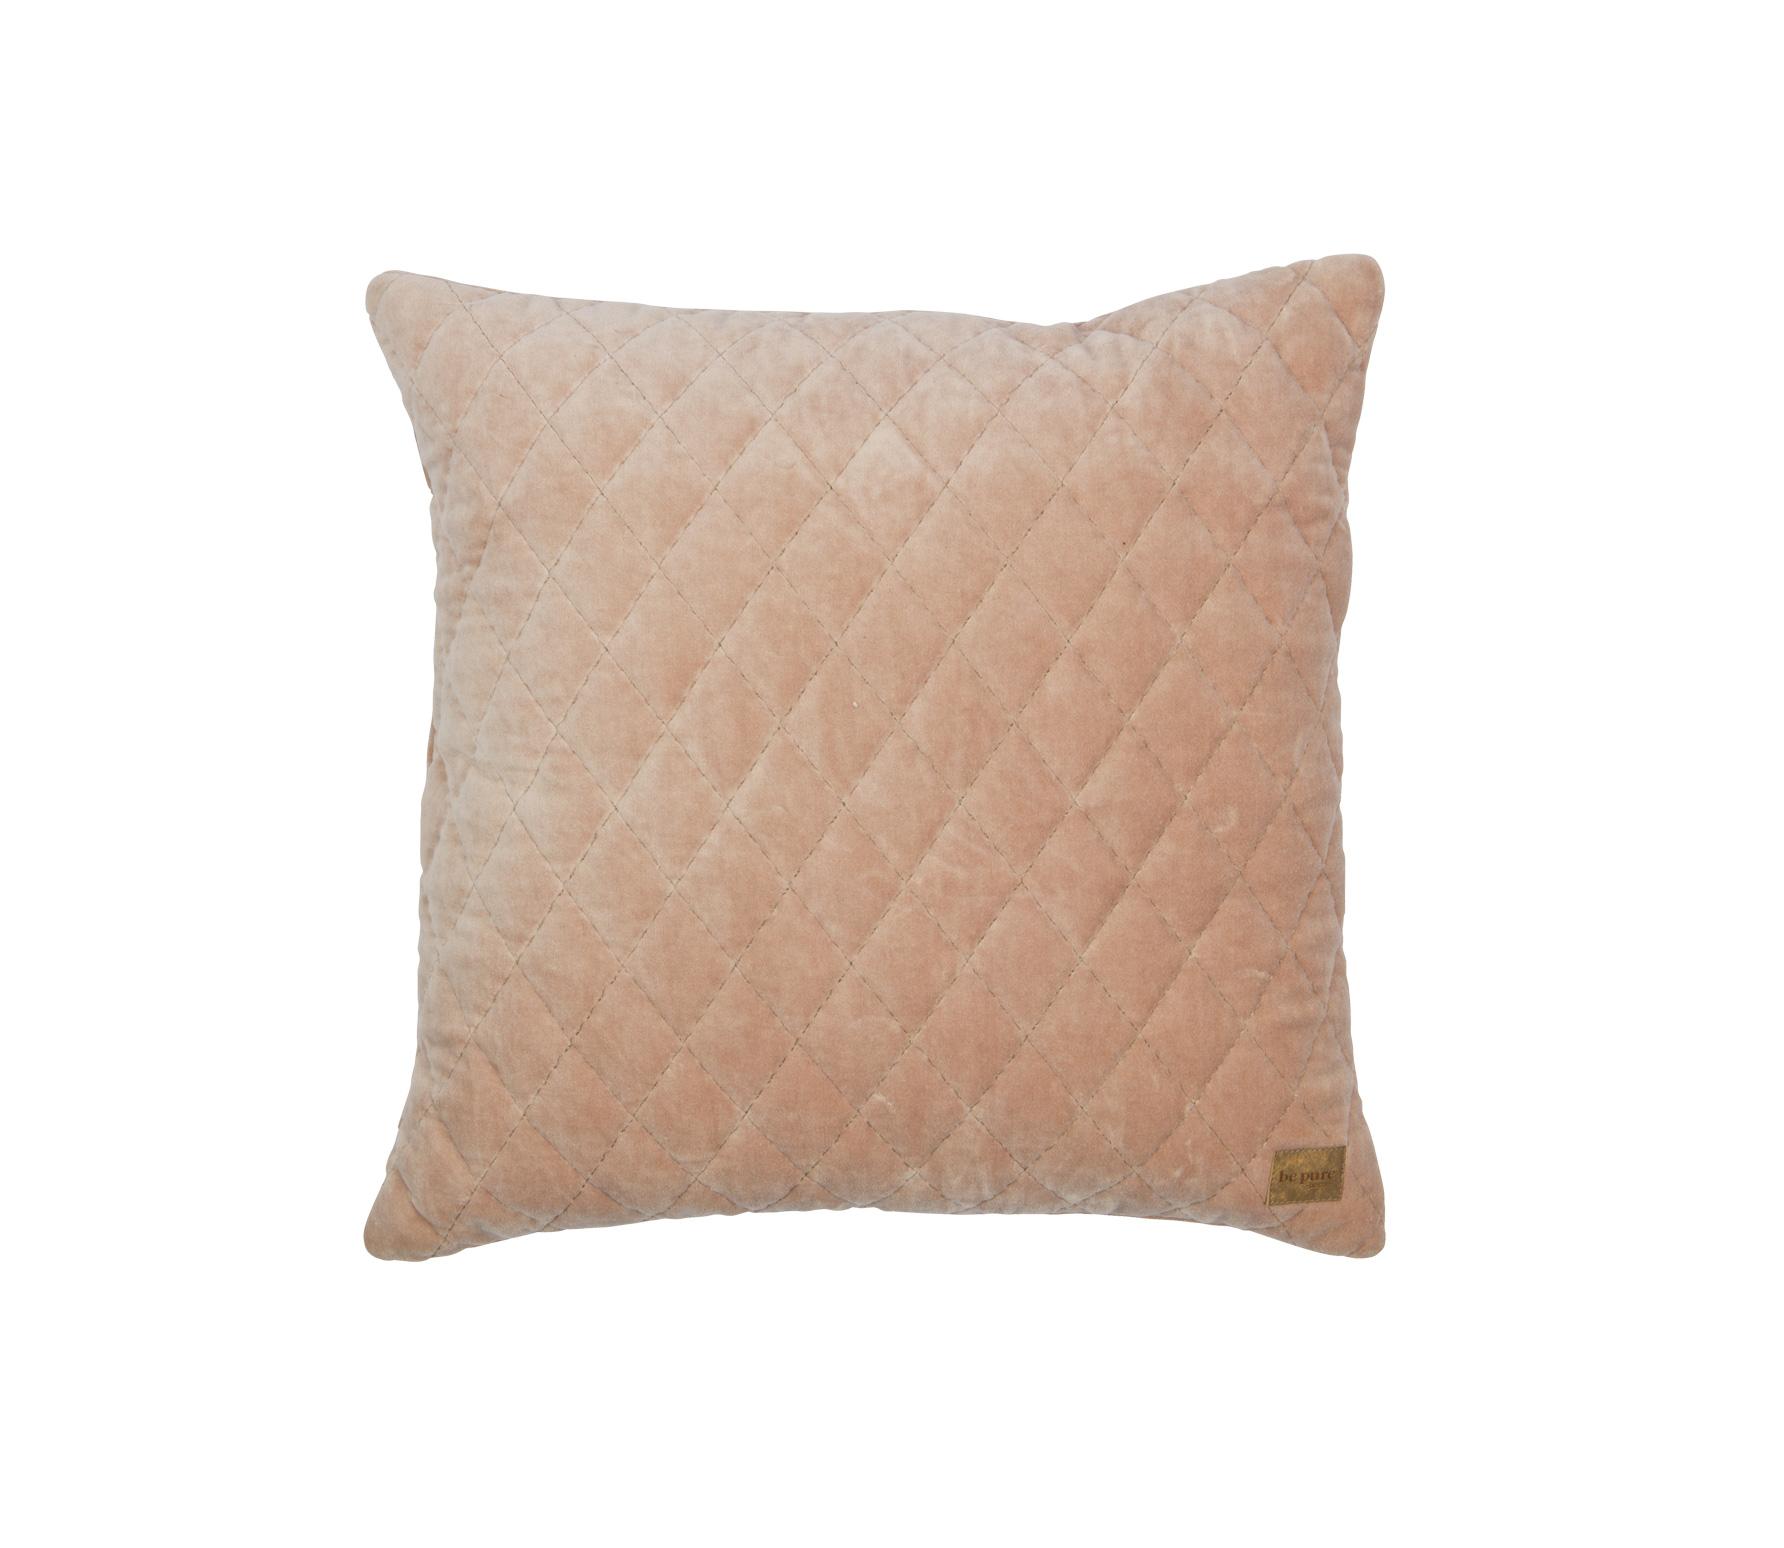 BePureHome Cuddle Diamond kussen fluweel nude 45x45 cm vrijstaand